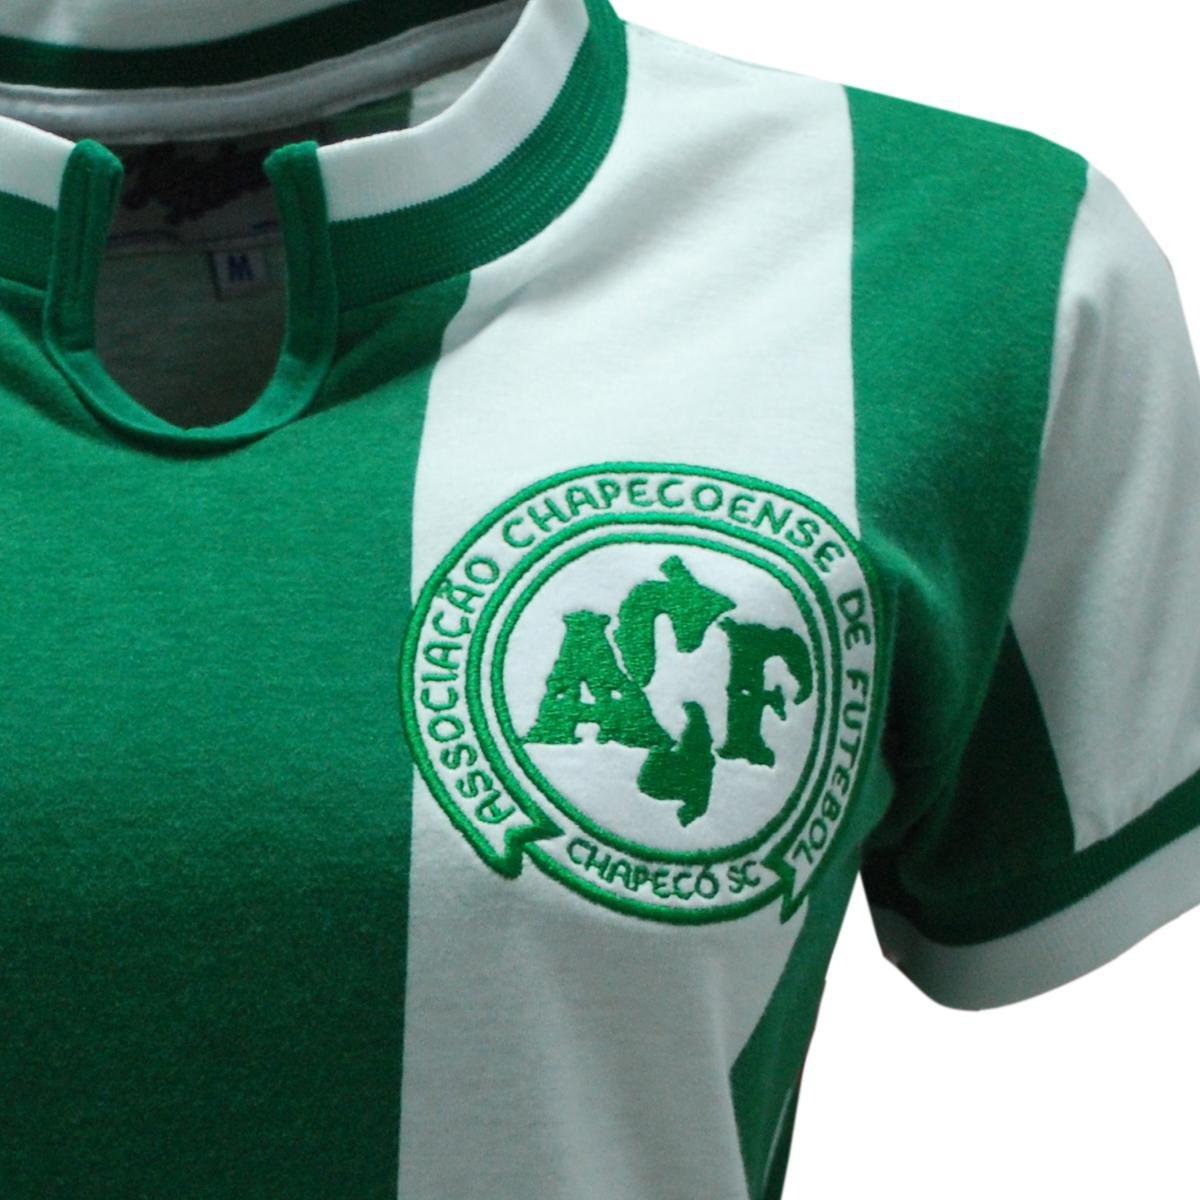 08a2e92a8f Camisa Liga Retrô Chapecoense 1979 Feminino - Verde e Branco ...